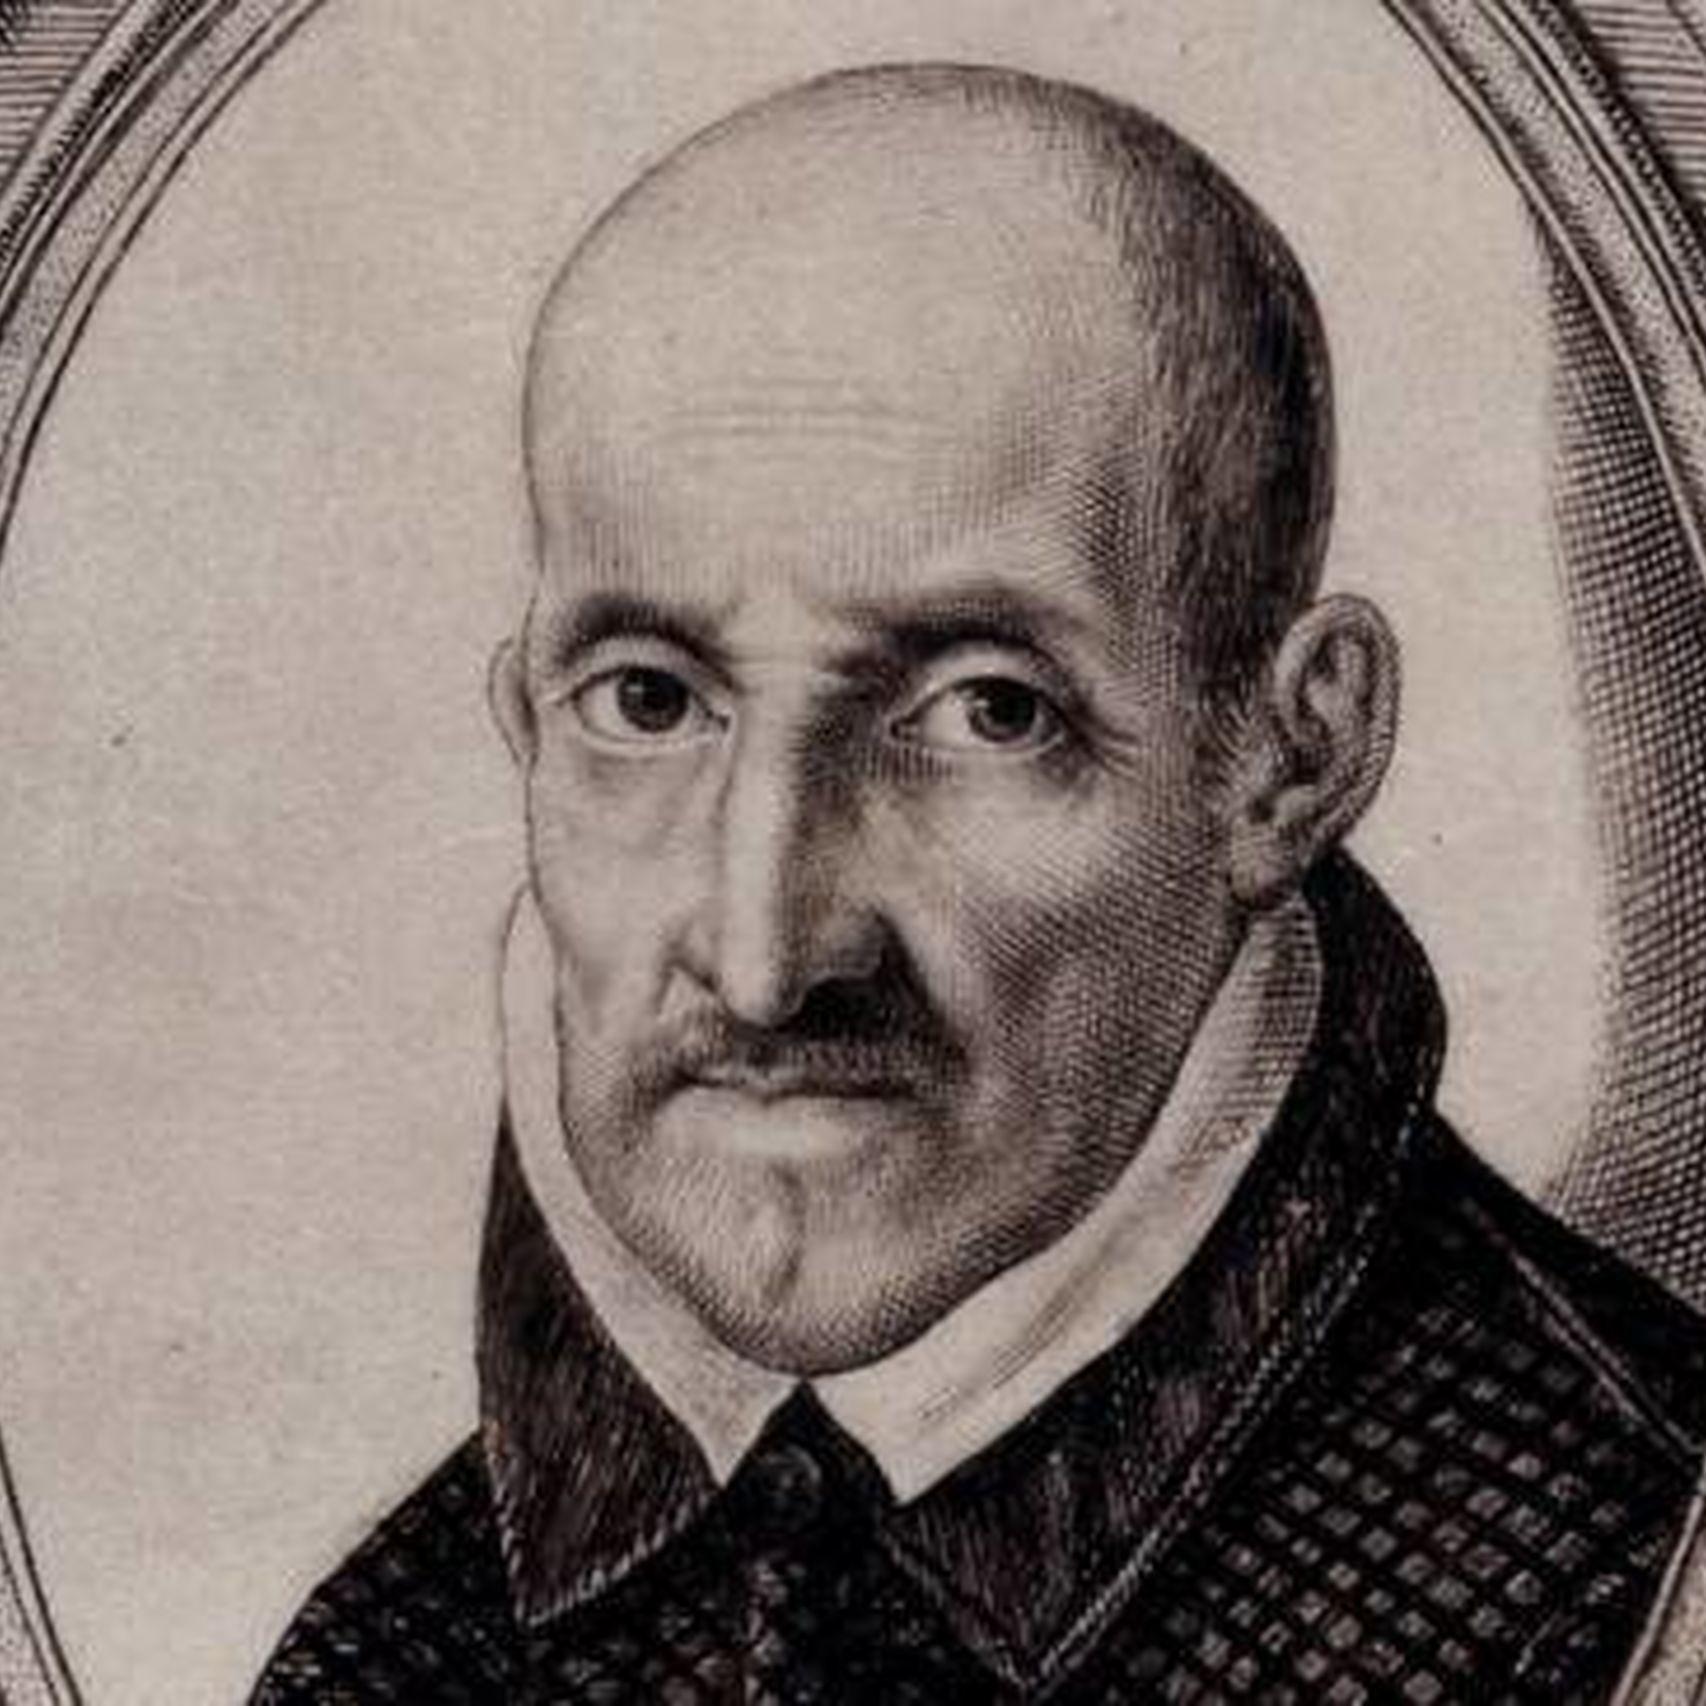 Luis de Góngora y Argote, poeta, Córdoba, 1561-1627